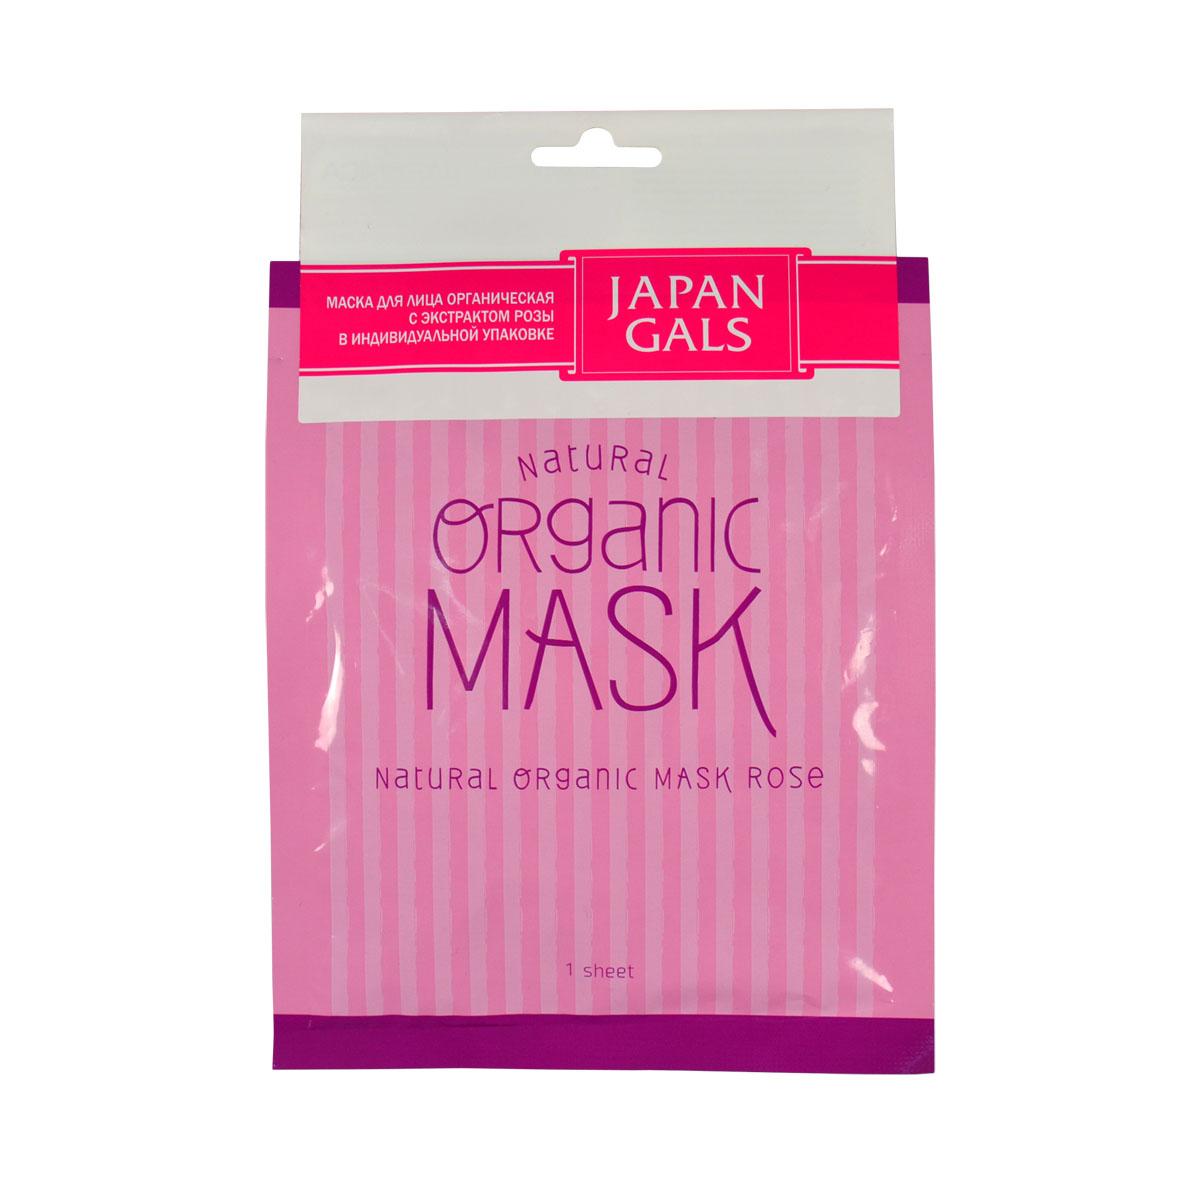 Japan Gals Маска для лица органическая с экстрактом розы 1 штБ33041Органическая маска JAPAN GALS с экстрактом розы создана для глубокого увлажнения кожи. Все компоненты подбирались особенно тщательно, а органический хлопок из которого создана маска естественно и мягко заботится о лице. Маска подходят для всех типов кожи и в любом возрасте.Чтобы ваша кожа сияла здоровьем, Вам потребуется всего 10-15 минут в день для ухода за ней. Маска очень проста в применении, а после ее использования лицо не требует дополнительного умывания.Тканевая основа маски пропитана сывороткой, и благодаря плотному прилеганию маски к лицу состав проникает глубоко в кожу, успокаивая и увлажняя ее изнутри. Так же у маски имеются специальные кармашки для проработки зоны в области глаз.В состав маски входят природная розовая вода, экстракт розы, экстракт шиповника, с добавлением в сыворотку масла розы. Розовая вода содержит в себе концентрированное розовое масло и дистиллированную воду. Розовая вода сохраняет в себе свойства розы и хорошо известна своими полезными свойствами. Она помогает очищать нормальную кожу, при жирной коже действует в качестве тоника, контролируя выделение жира, на чувствительную кожу оказывает охлаждающий эффект и делает ее более гладкой. Экстракт розы препятствует потере кожей влаги, глубоко увлажняет, питает, повышает упругость и эластичность кожуЭкстракт шиповника успокаивает раздраженную кожу, осветляет пигментные пятна и улучшает цвет лица, стимулирует синтез коллагена и обновления клеток кожи Масло розы прекрасно увлажняет и тонизирует кожу Способ применения: Расправить маску. Плотно приложить к чистому лицу. Держать в течение 10-15 минут. При использовании маски на глаза веки следует держать закрытыми. Для особо тщательной проработки зоны под глазами сложите специальную накладку два раза. После приминения маски лицо не требует дополнительного умывания. Меры предосторожности: Аллергические реакции возможны только в случае индивидуальной непереносимости отдельных ком